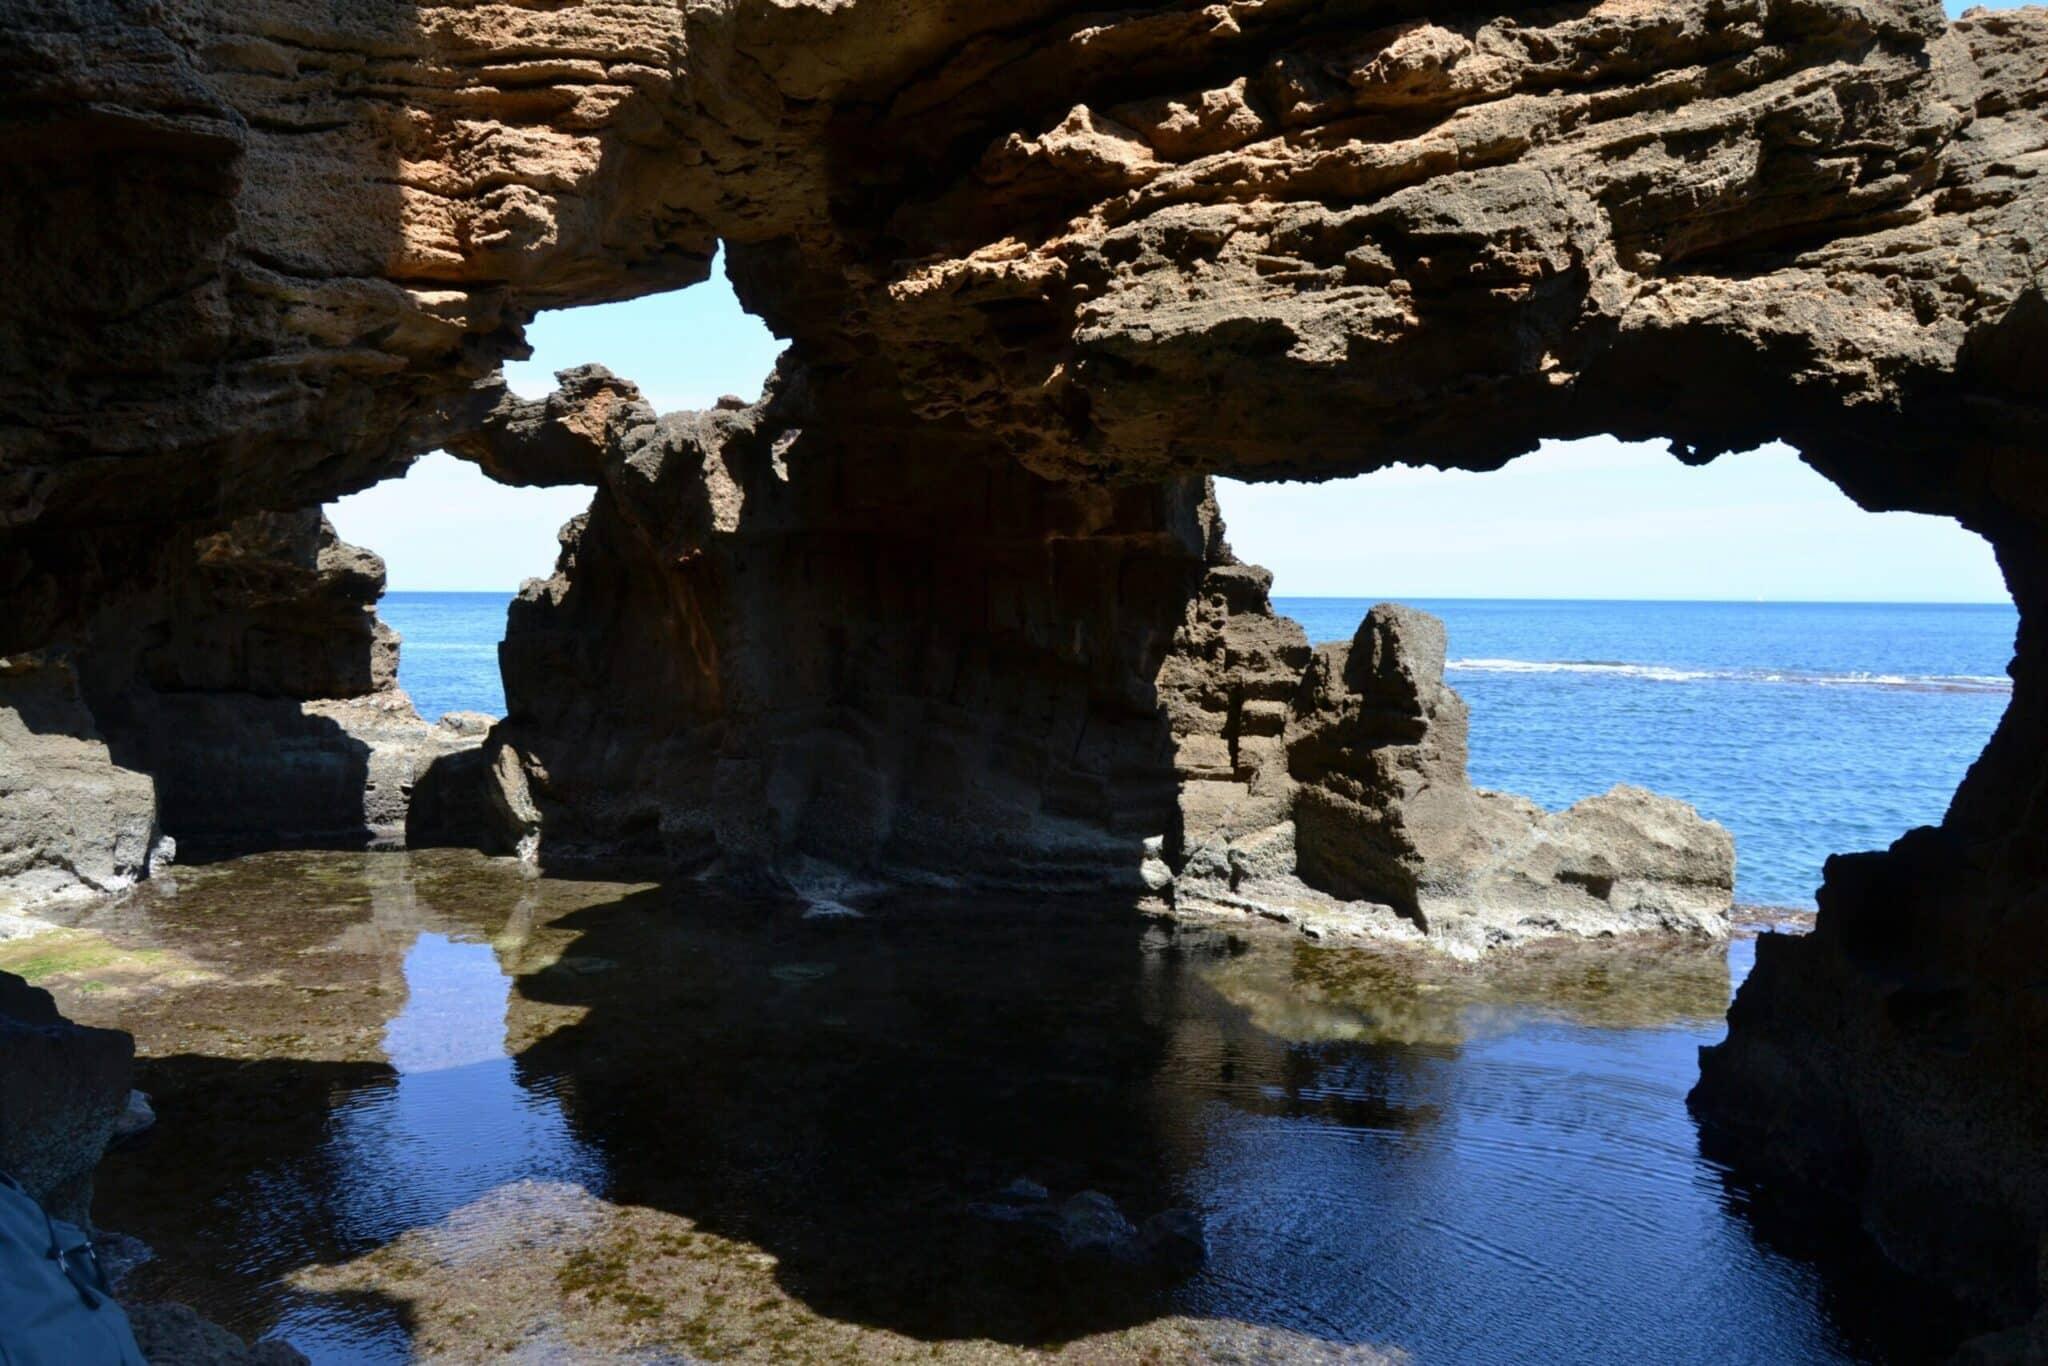 cova tallada arcos naturales